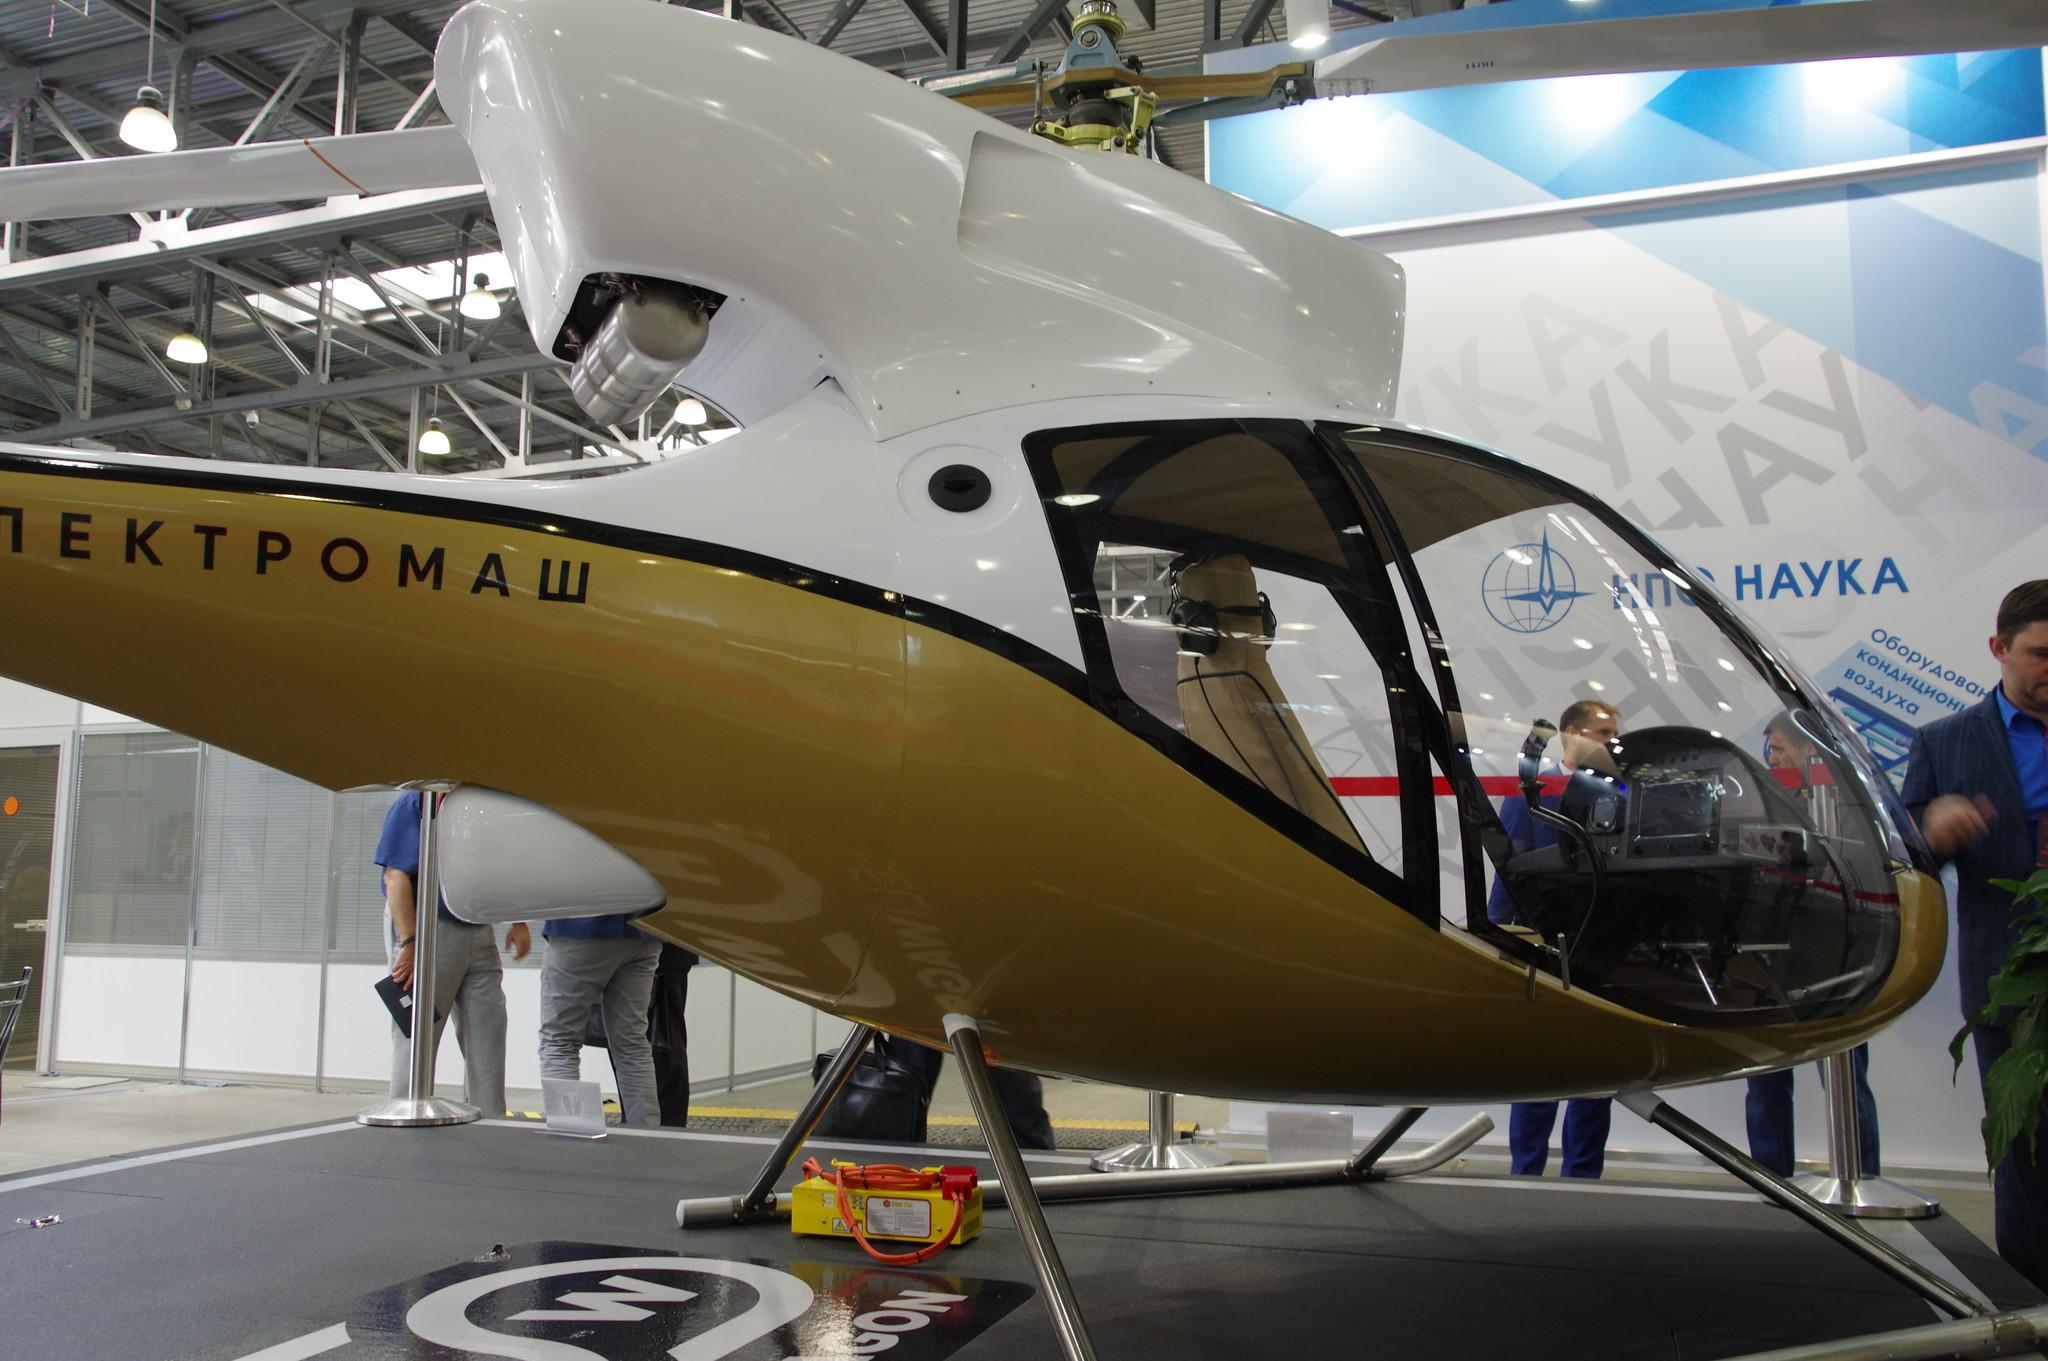 Сверхлёгкий вертолёт соосной схемы R-34